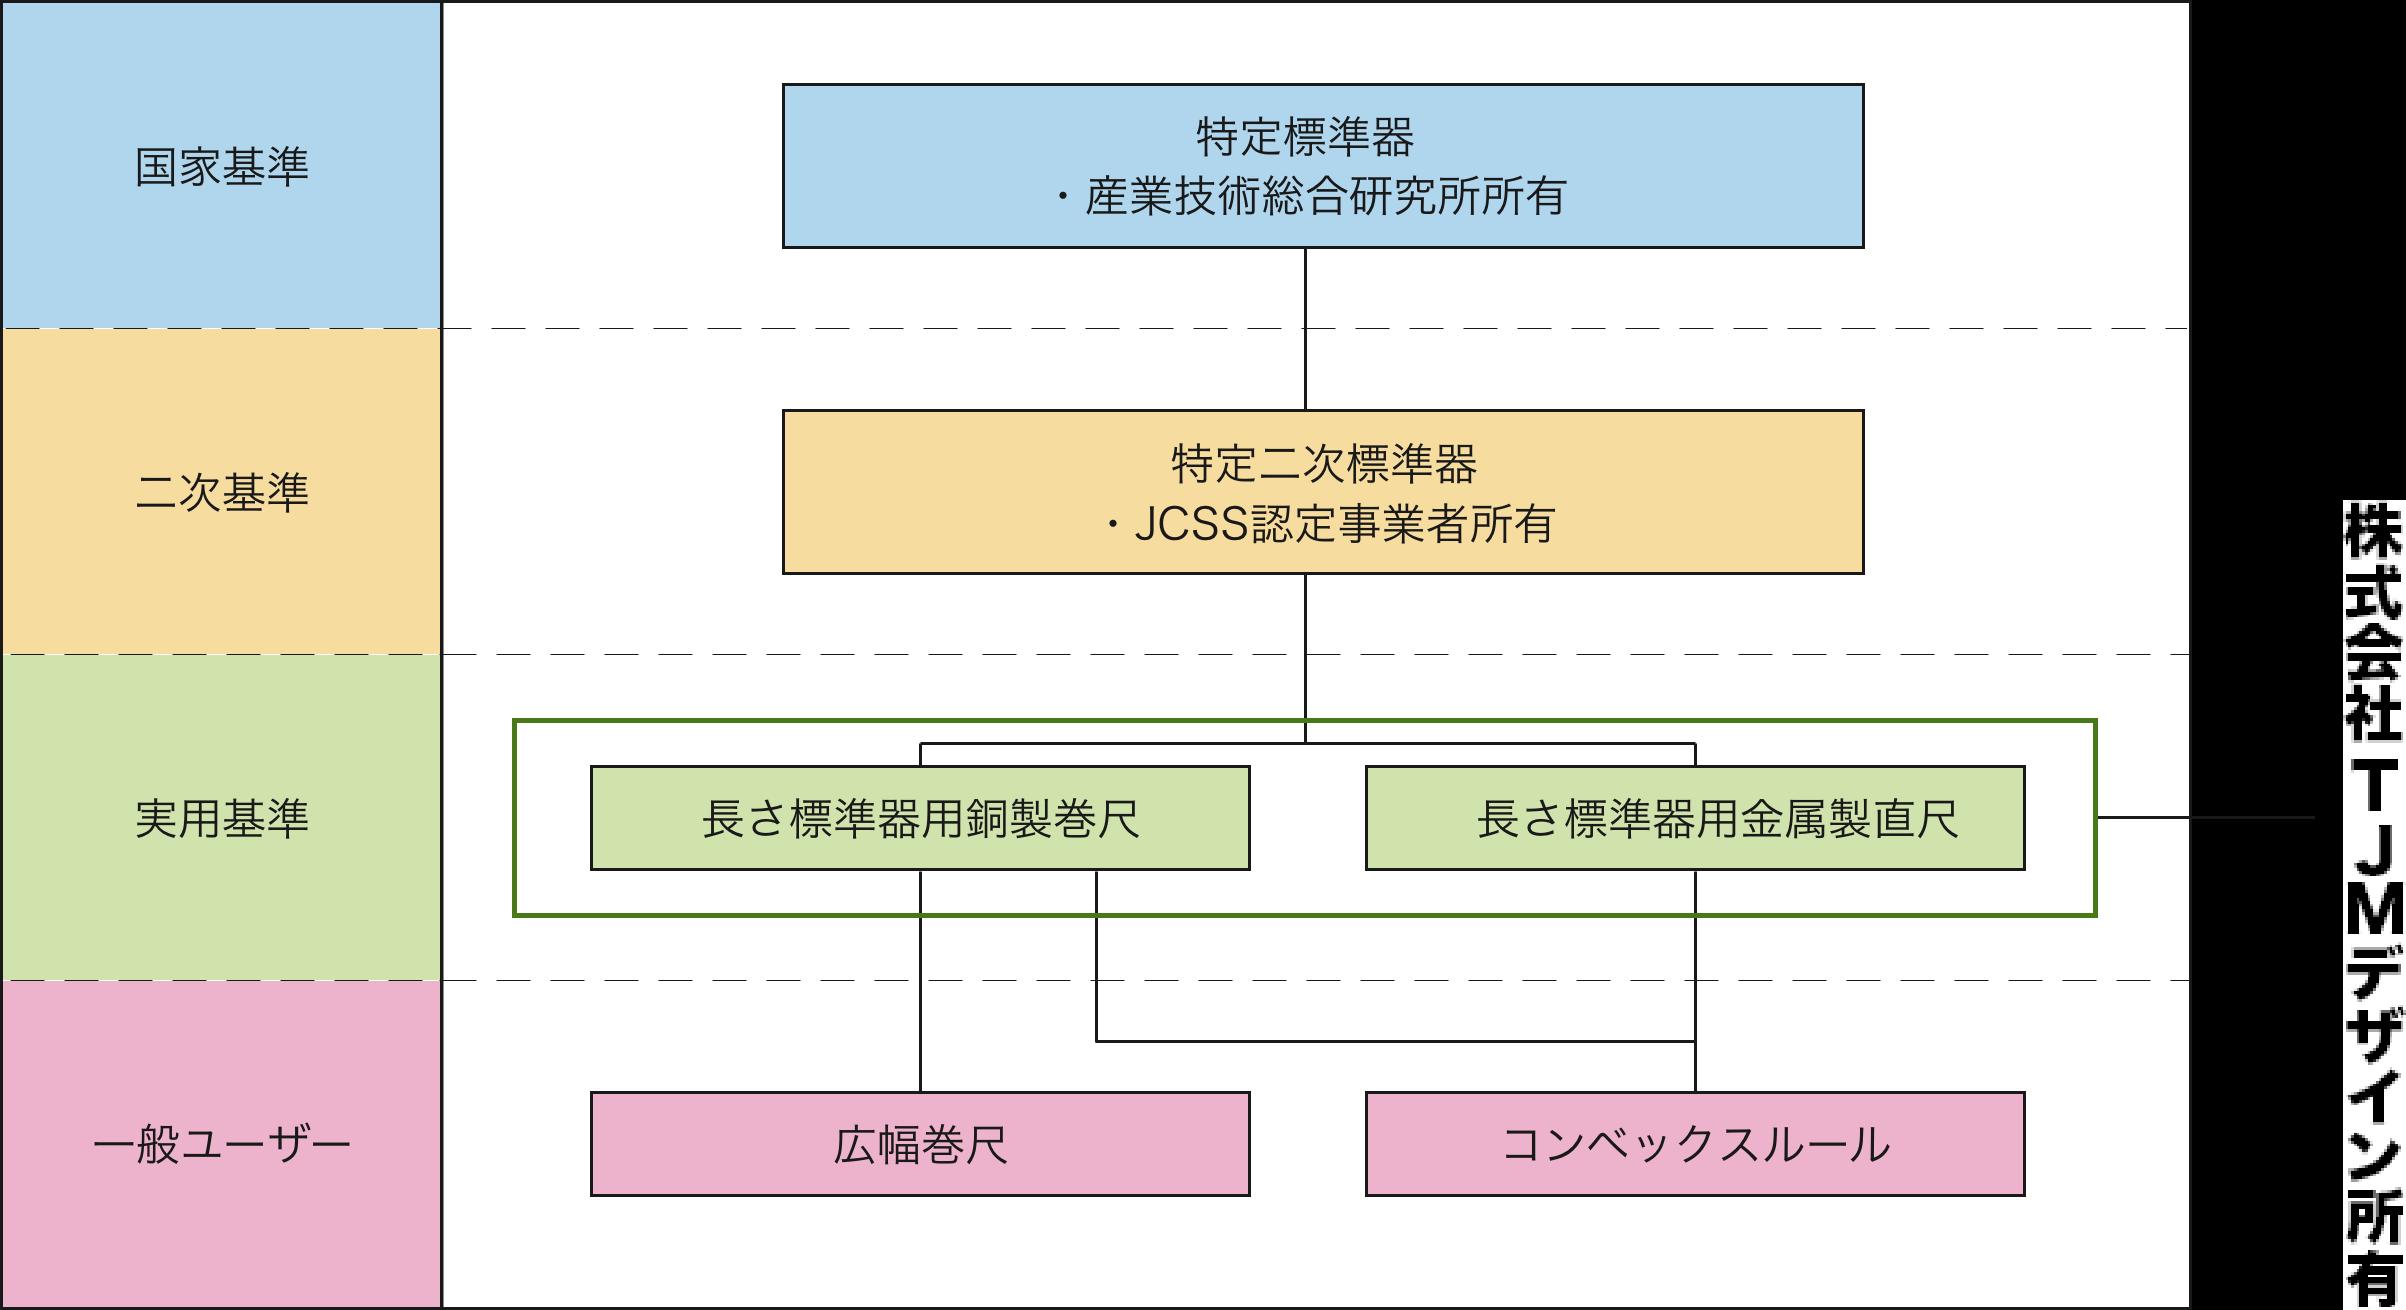 (株)TJMデザイン長さ機器トレーサビリティ体系図